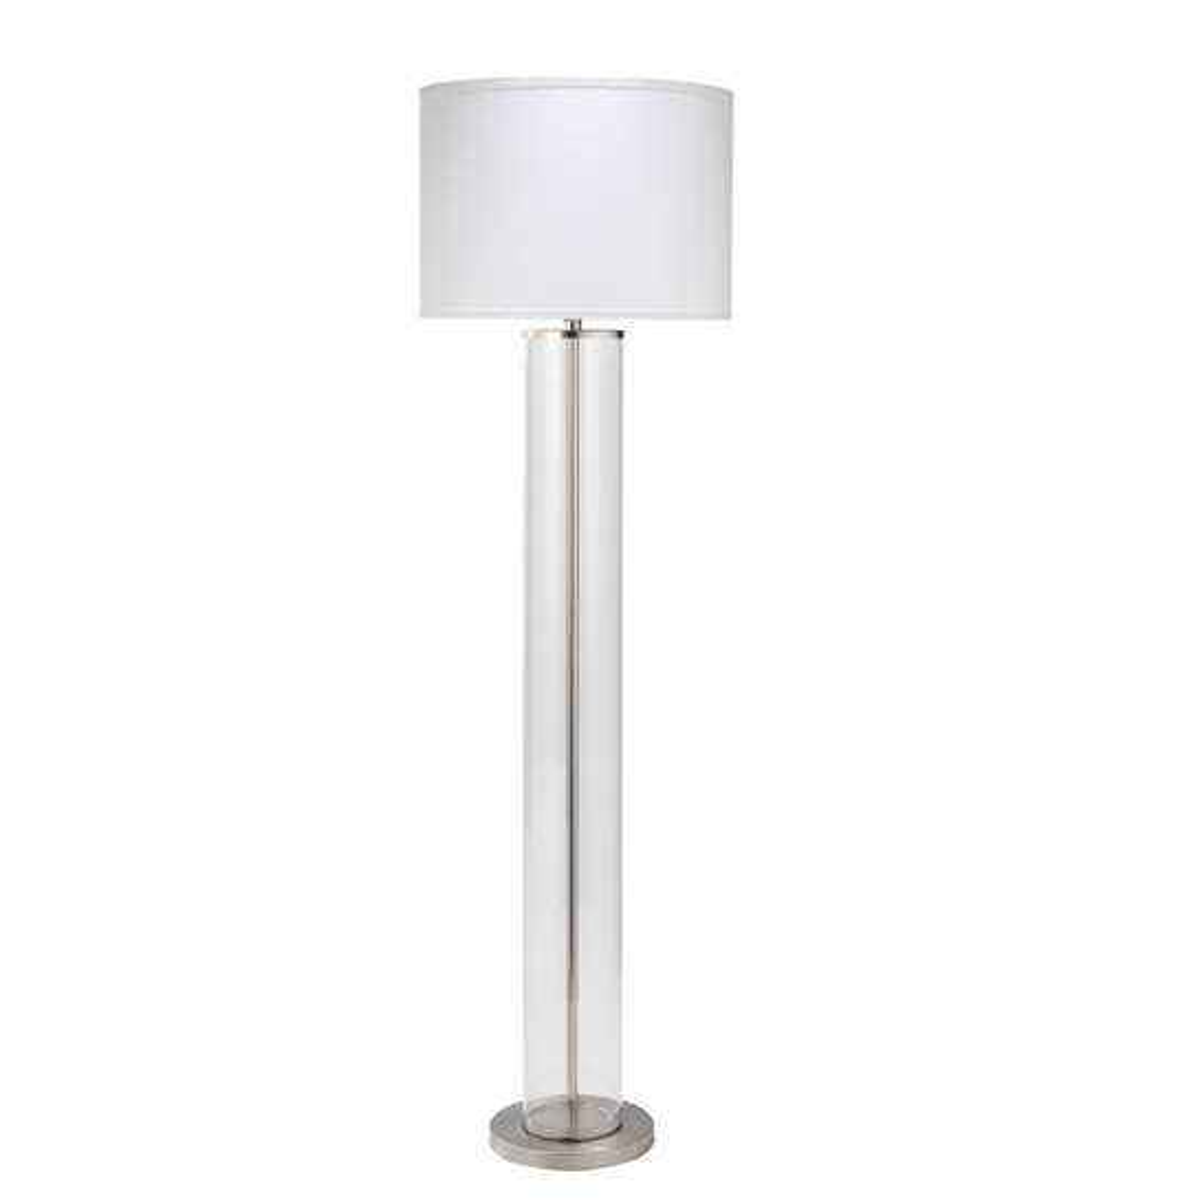 Nickel Rockefeller Floor Lamp